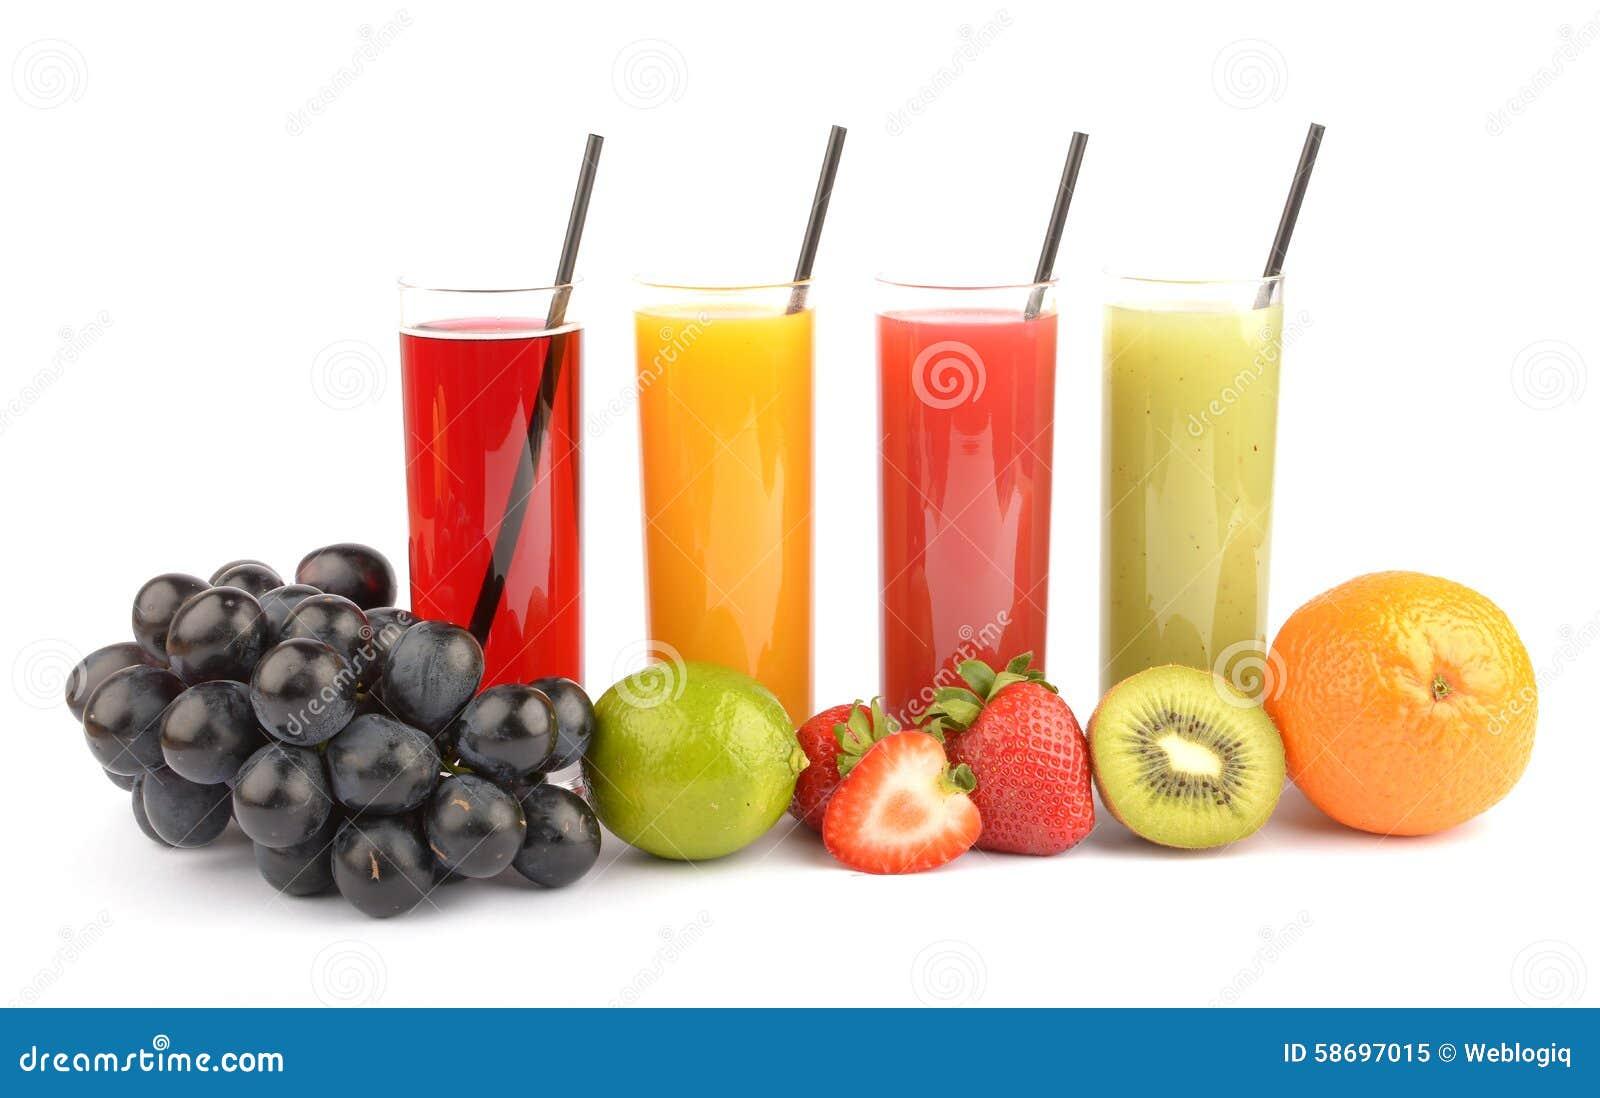 Zumos de fruta fresca en blanco